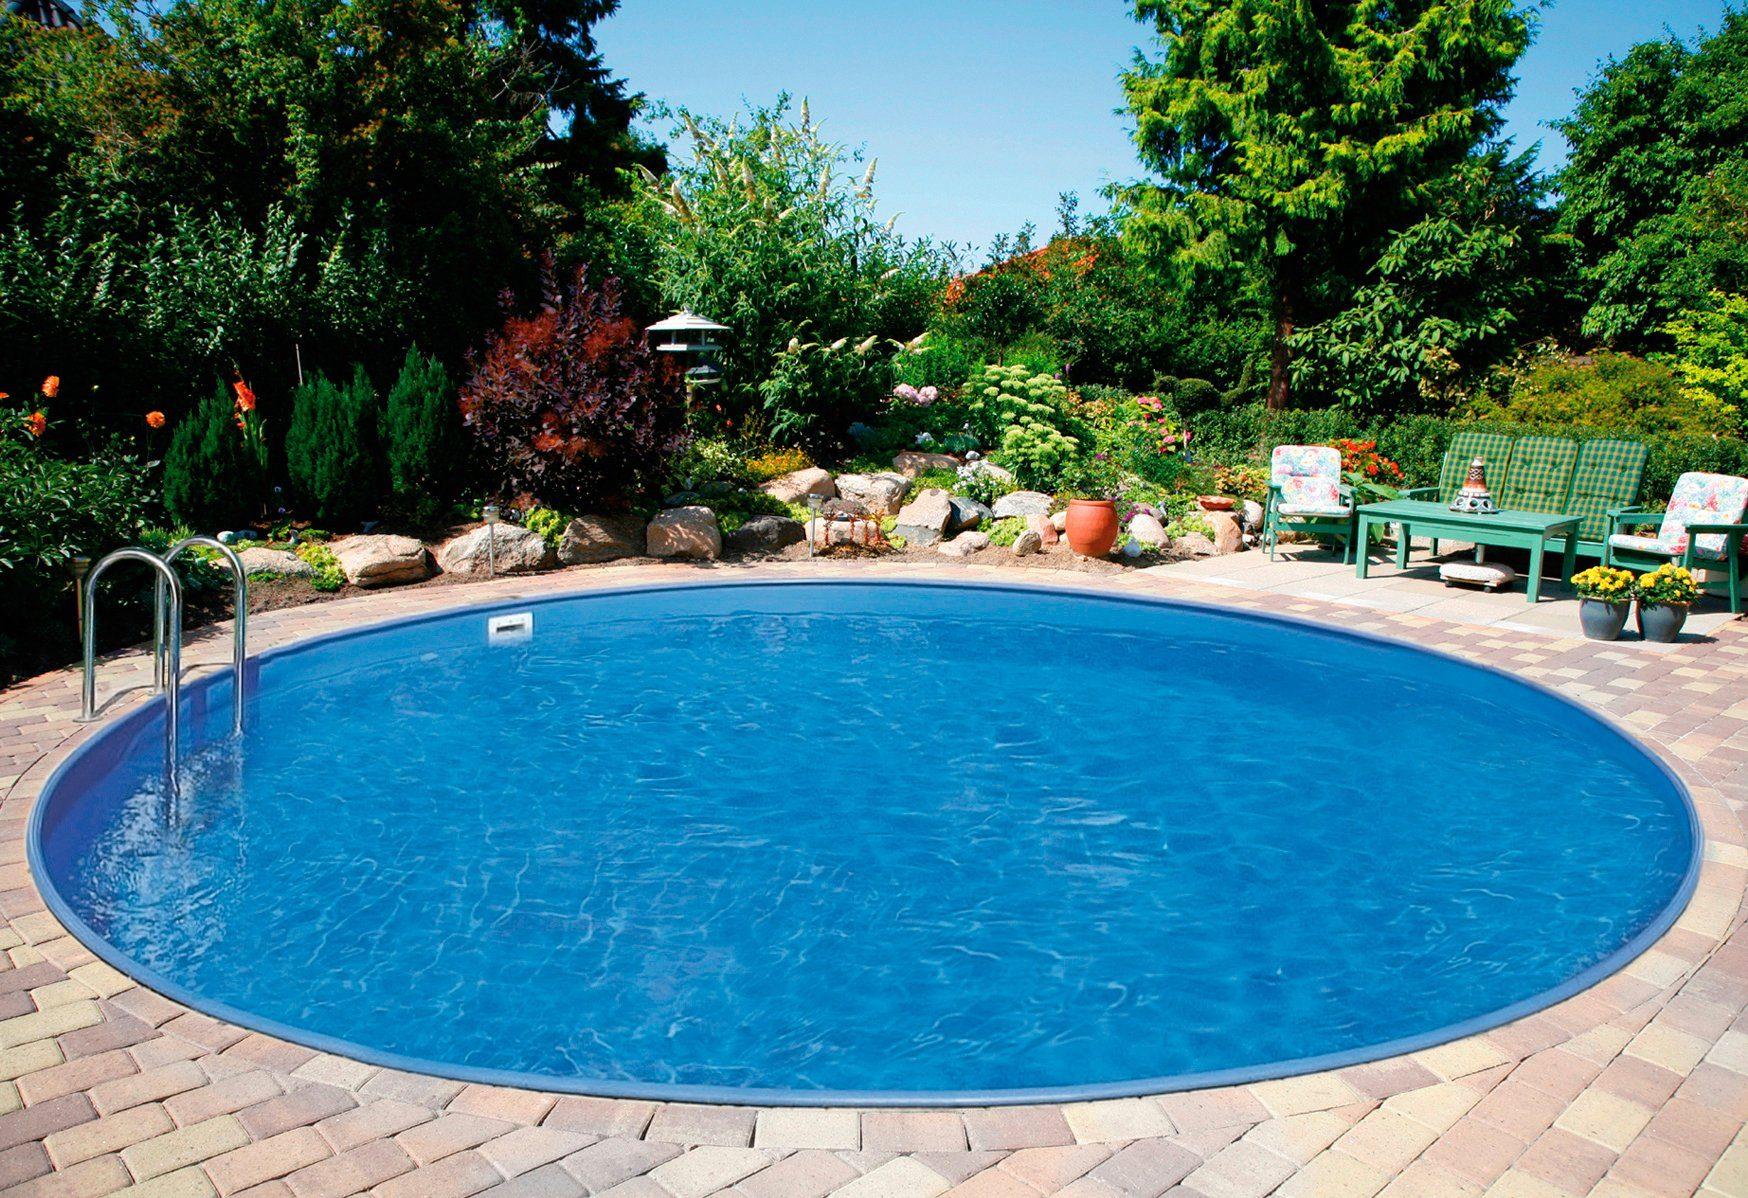 Clear pool voordeelset rond zwembad premium ibiza« in de online